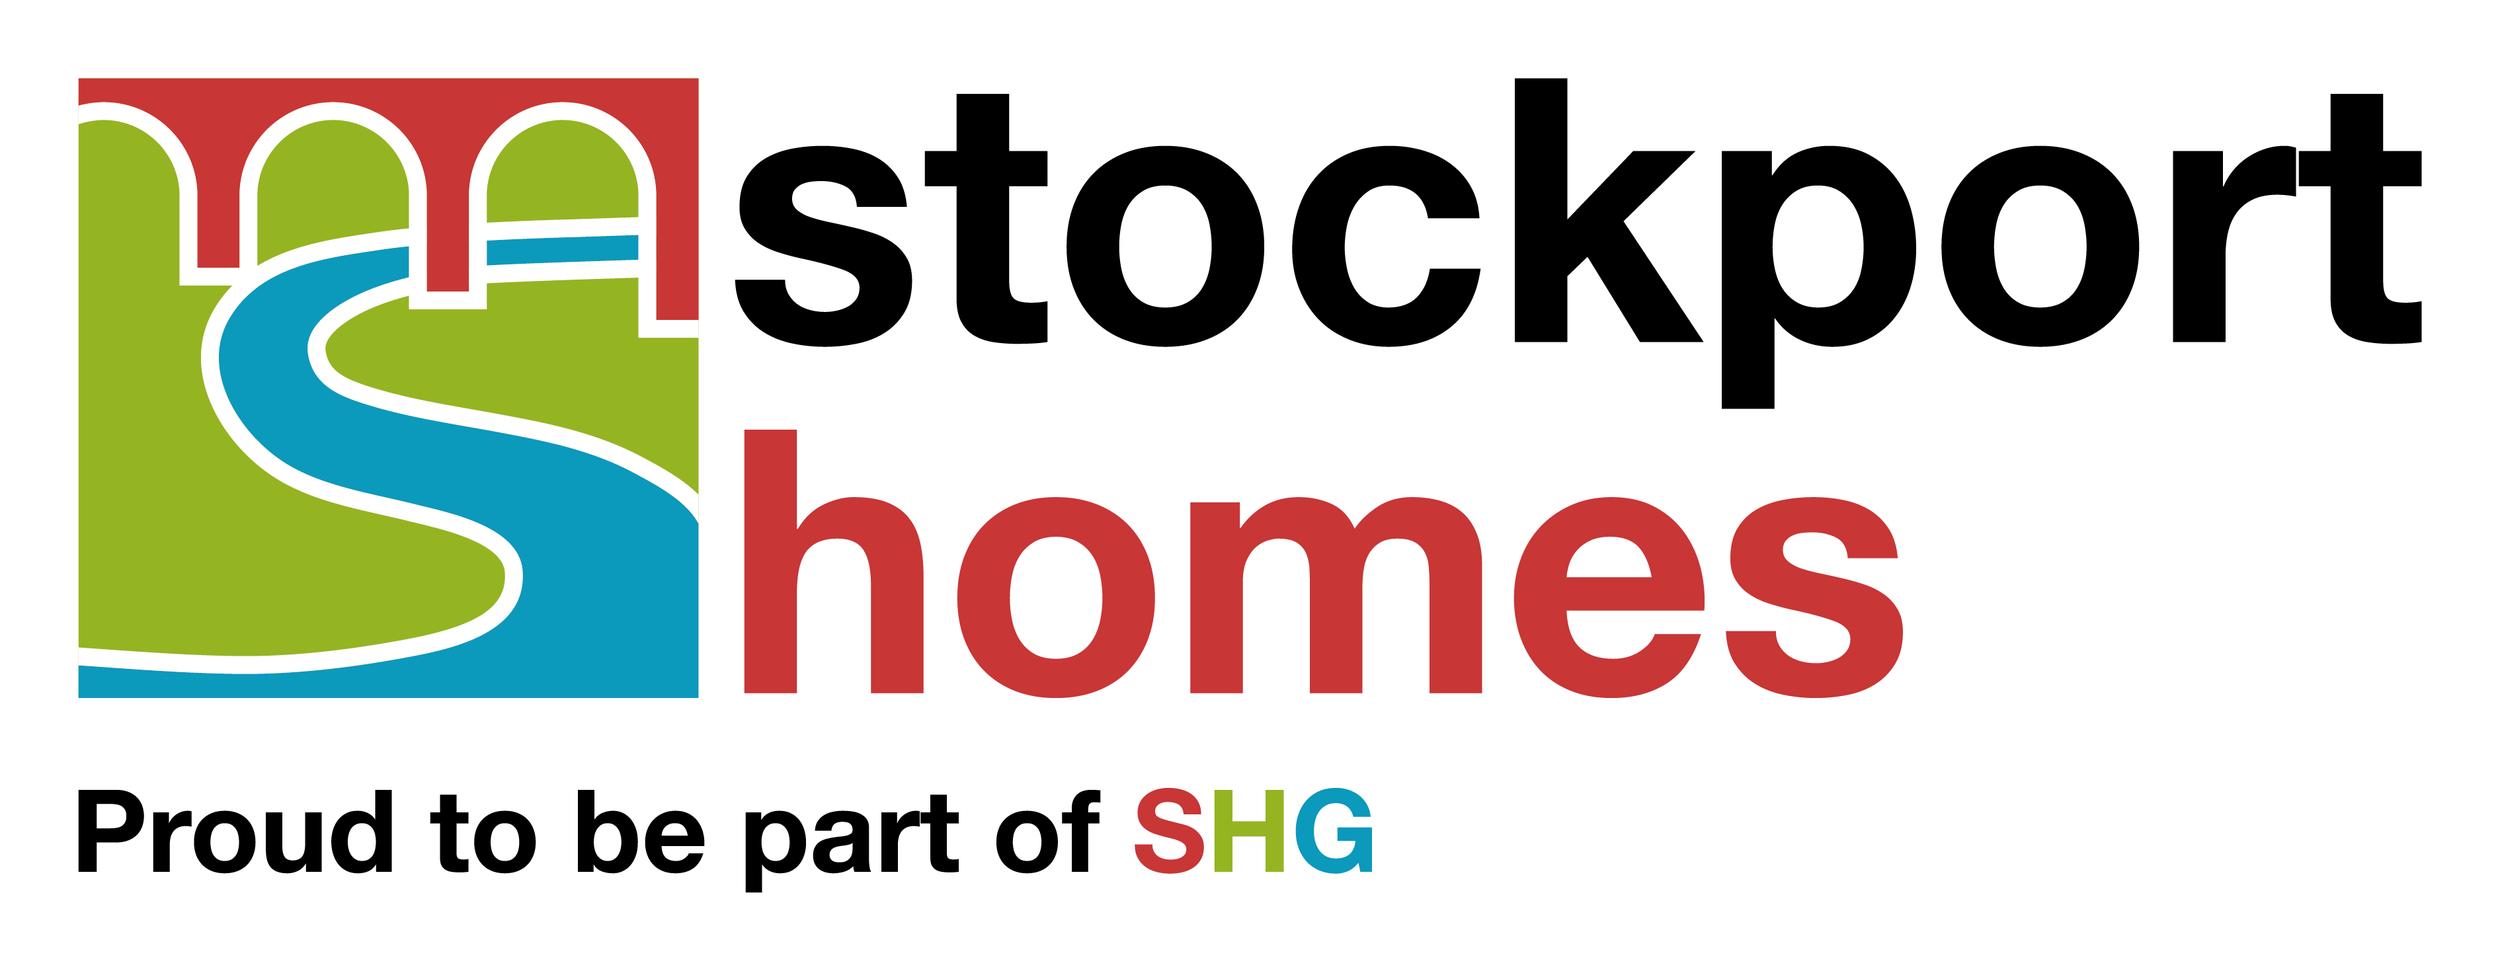 STOCKPORT-HOMES-SHG.png